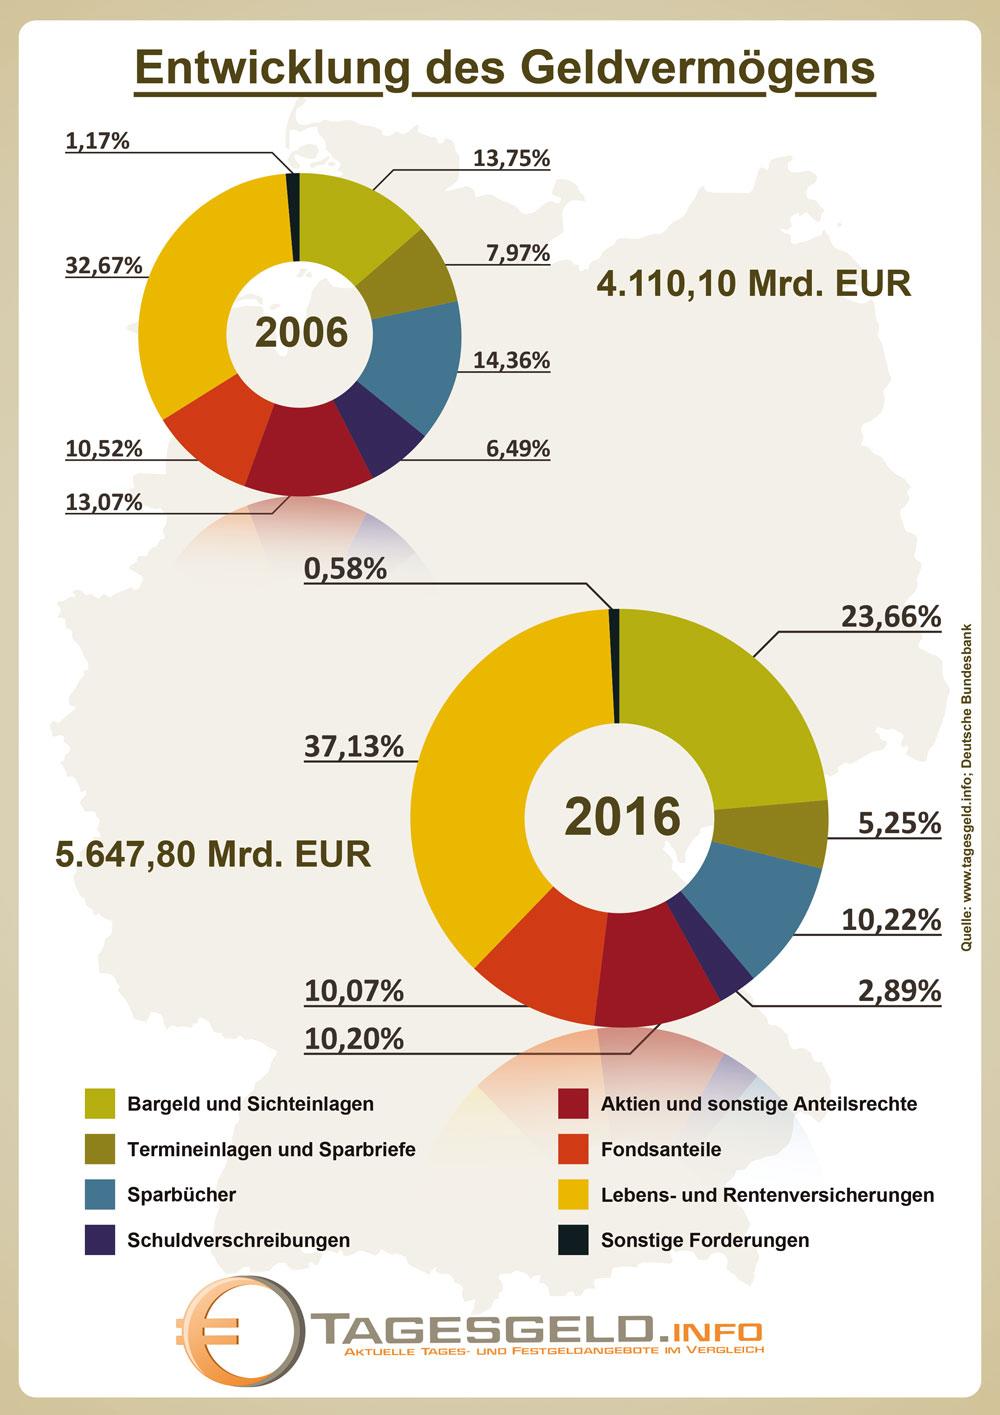 Infografik zur Struktur des Geldvermögens 2006 und 2016